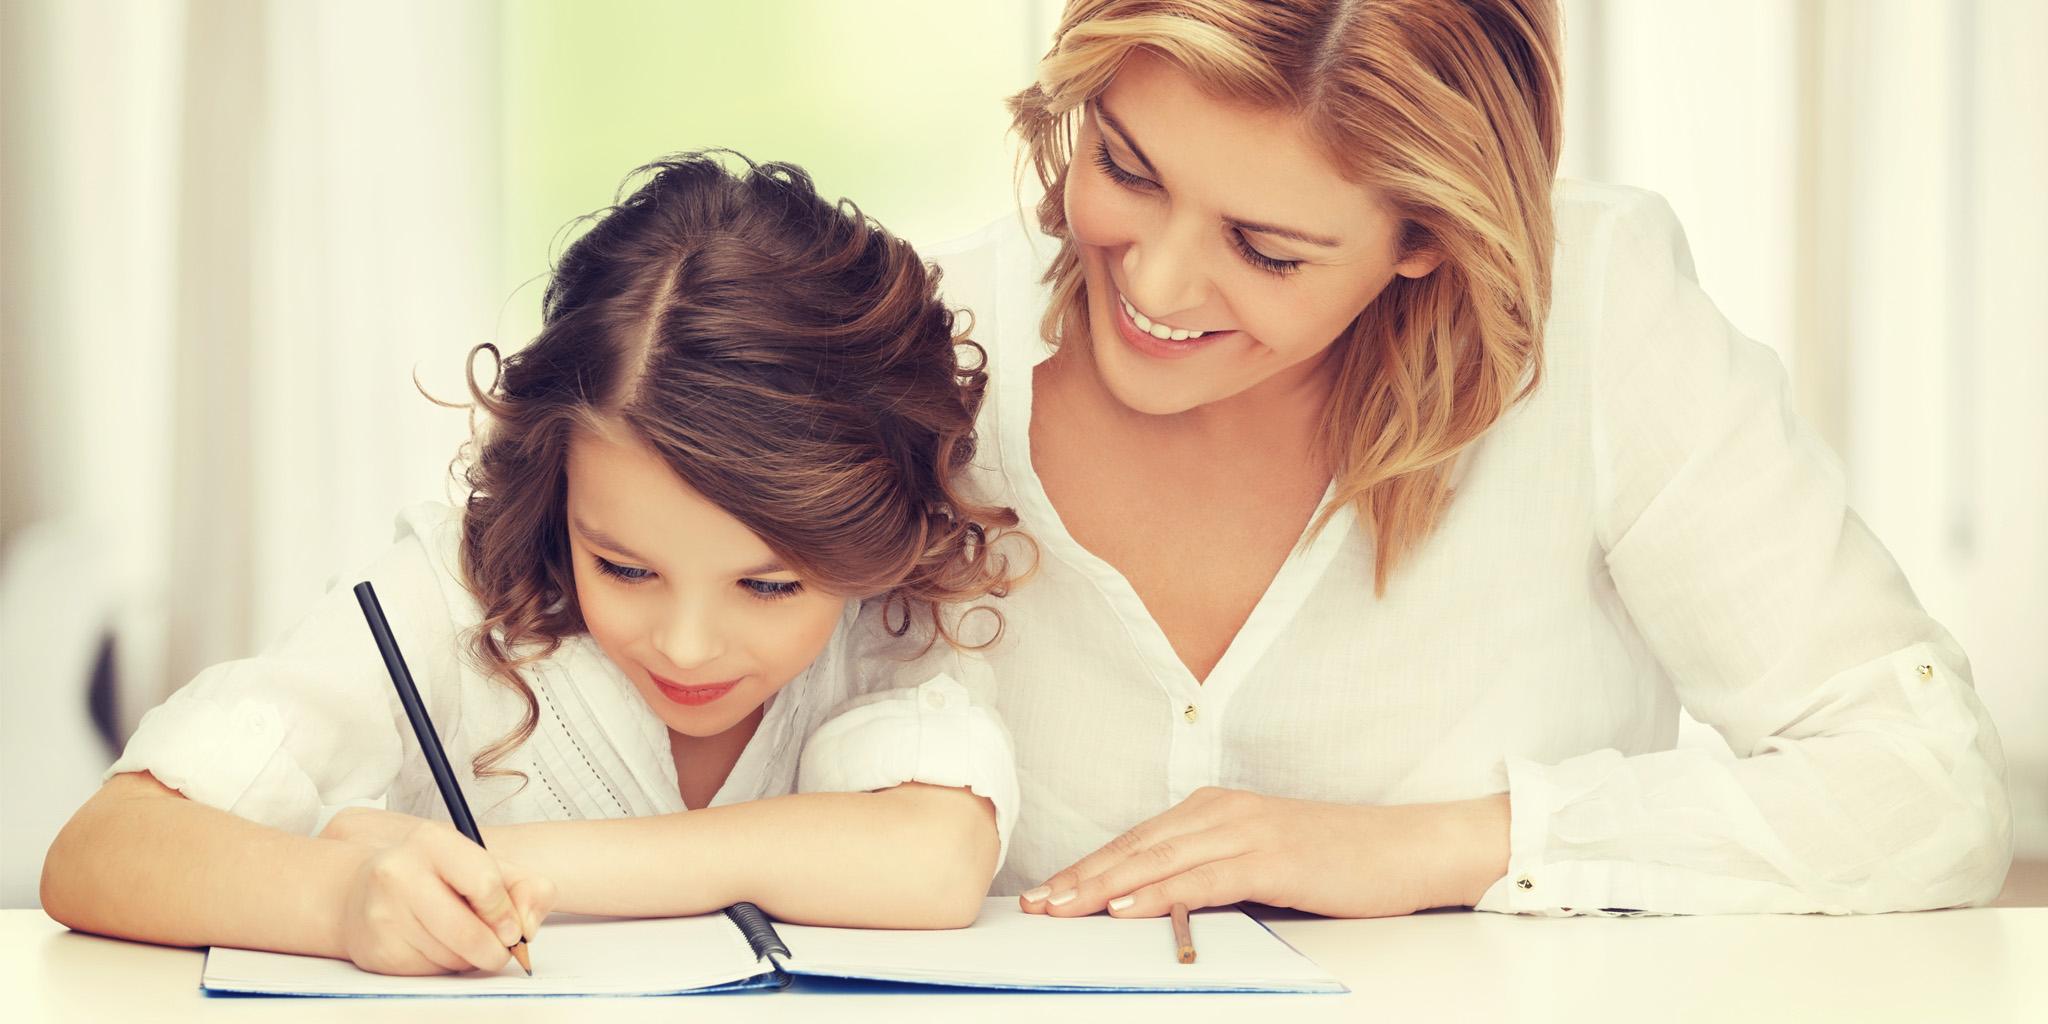 Come aiutare un bambino a fare i compiti?